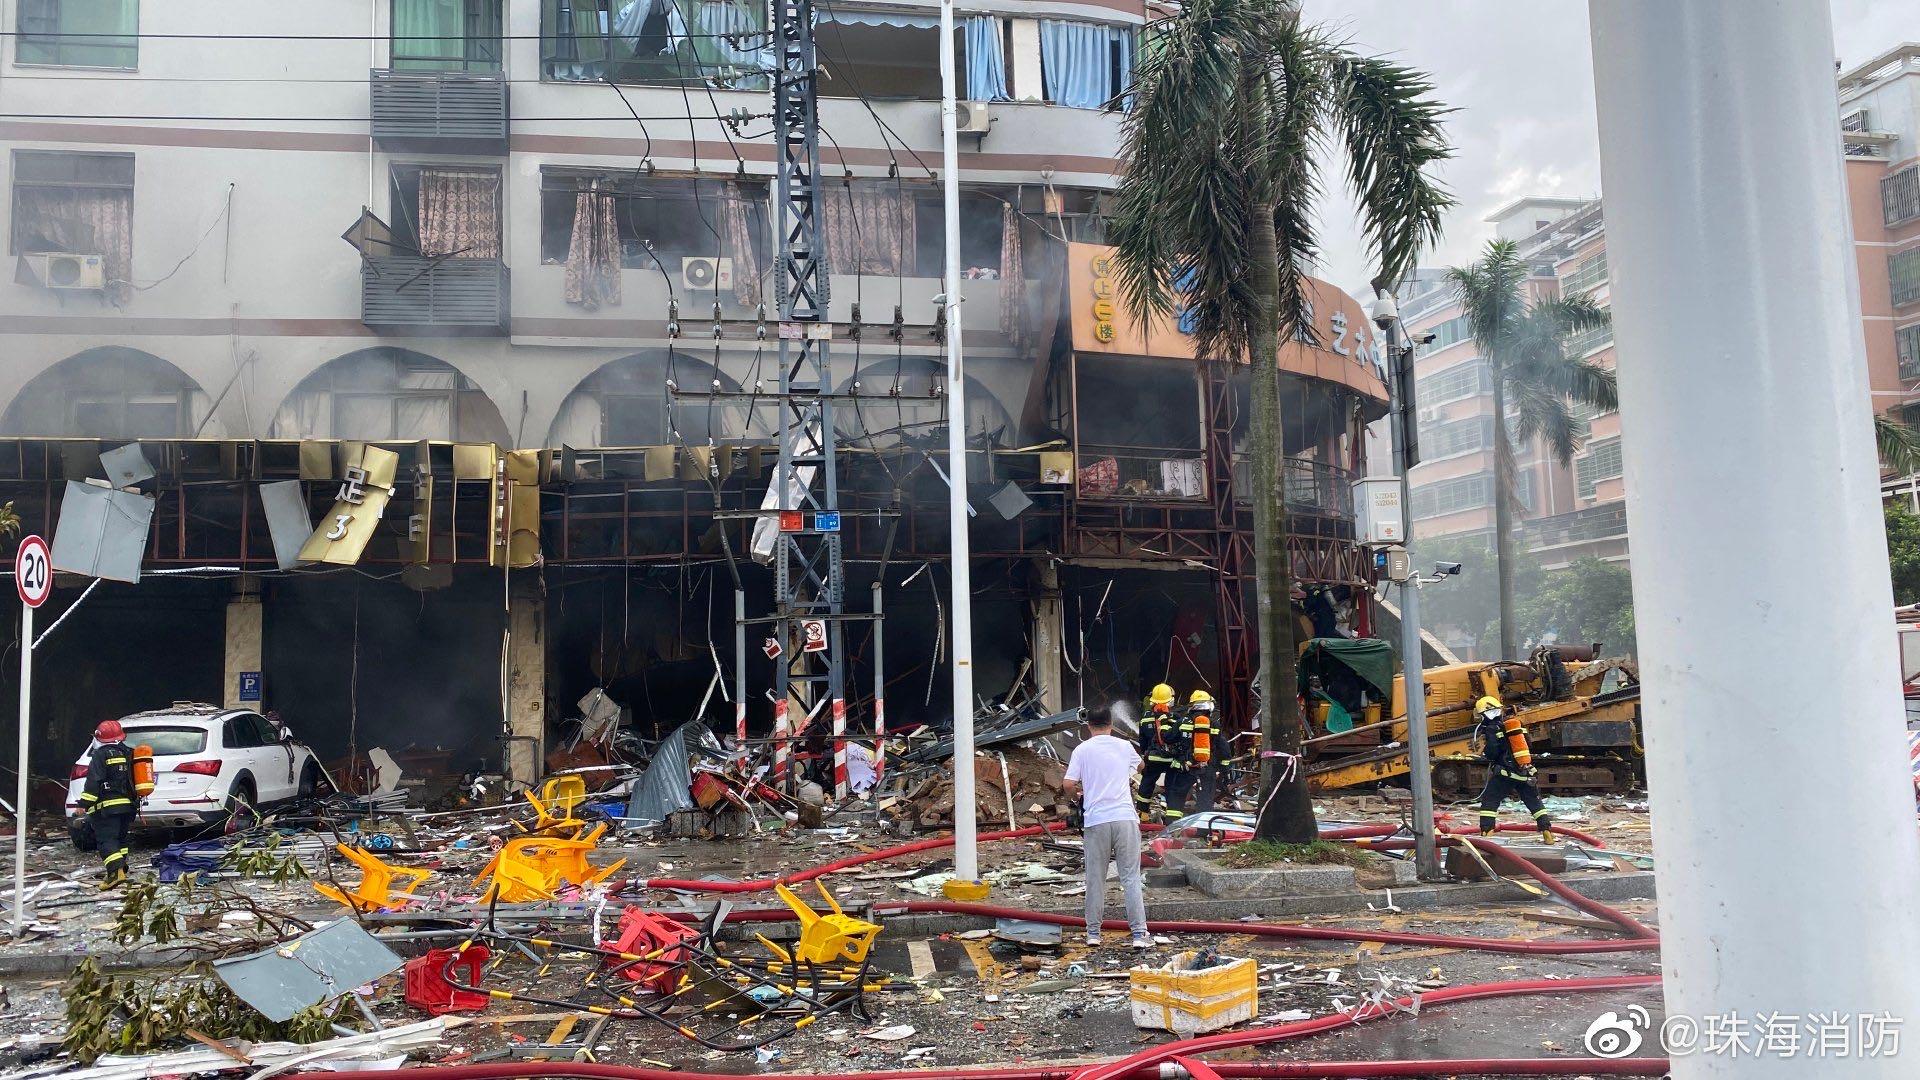 珠海一酒店爆炸:爆炸前一个小时,曾闻到浓烈煤气味